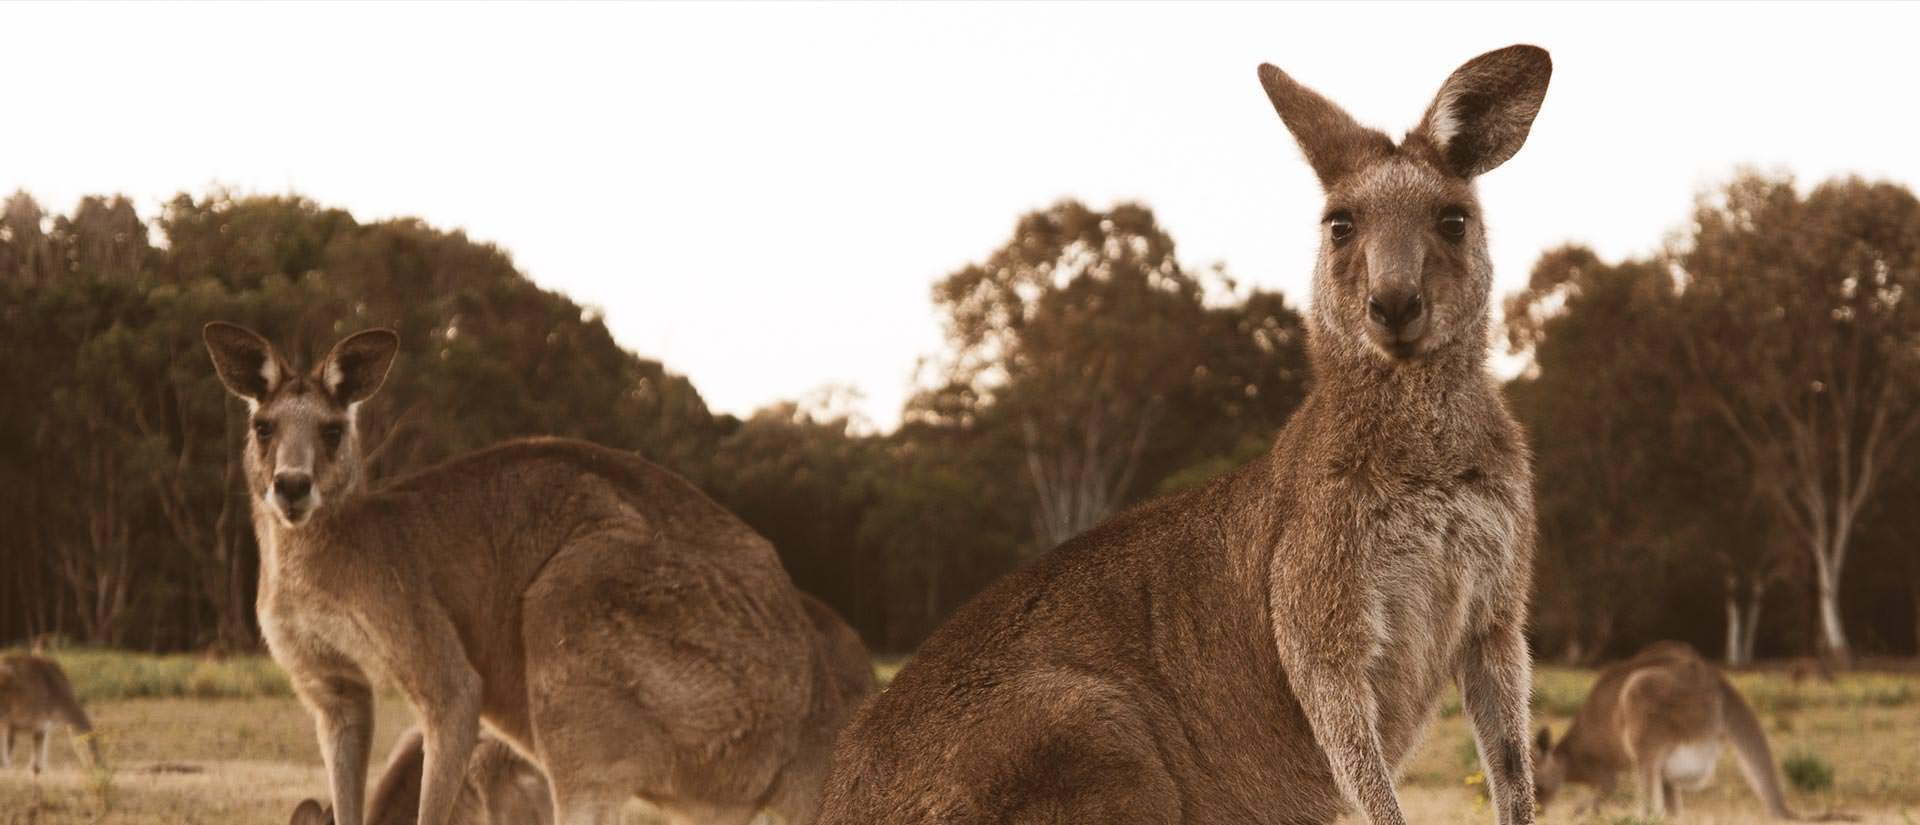 אוסטרליה והפסיפיק